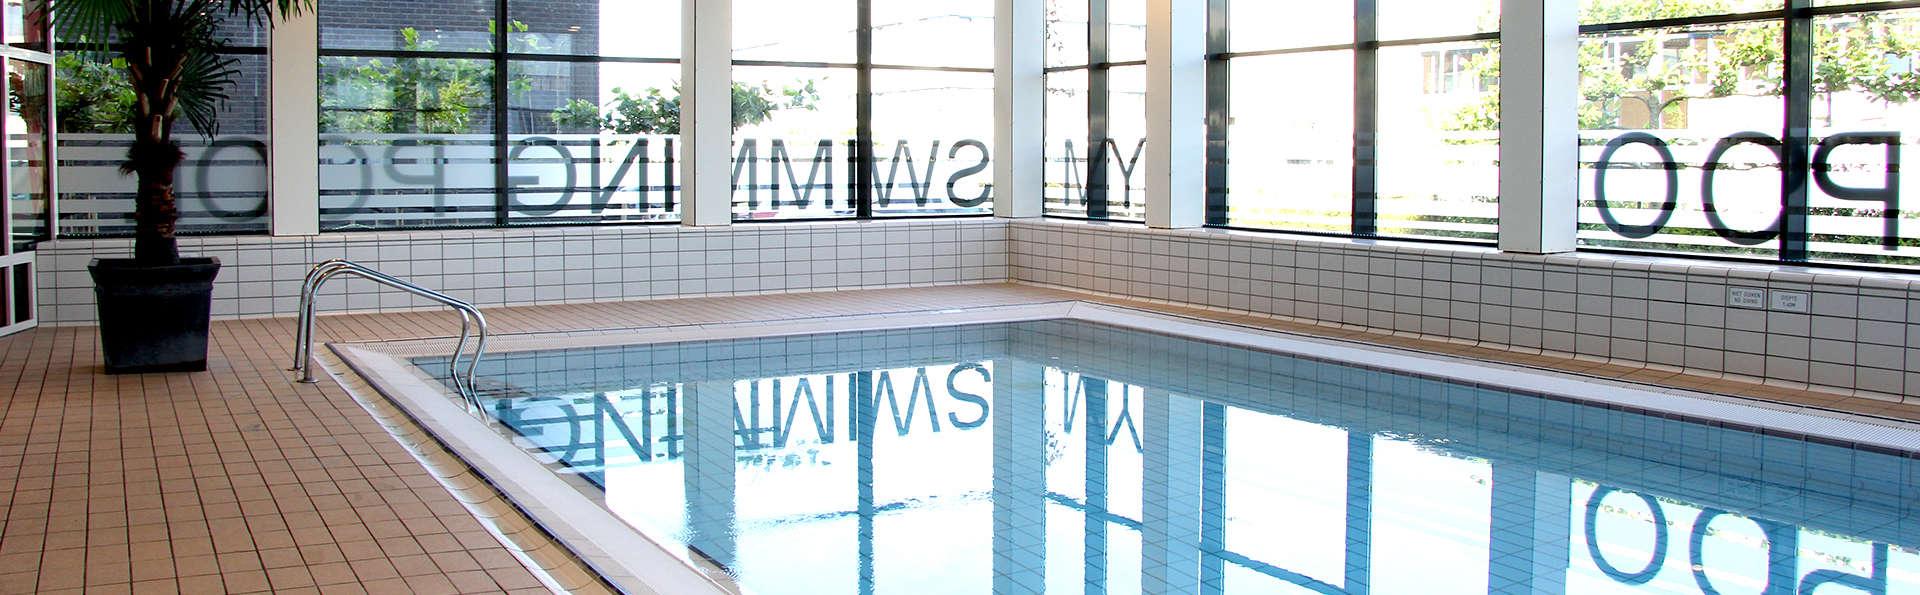 Détente dans une chambre de luxe à proximité du magnifique centre-ville d'Amsterdam